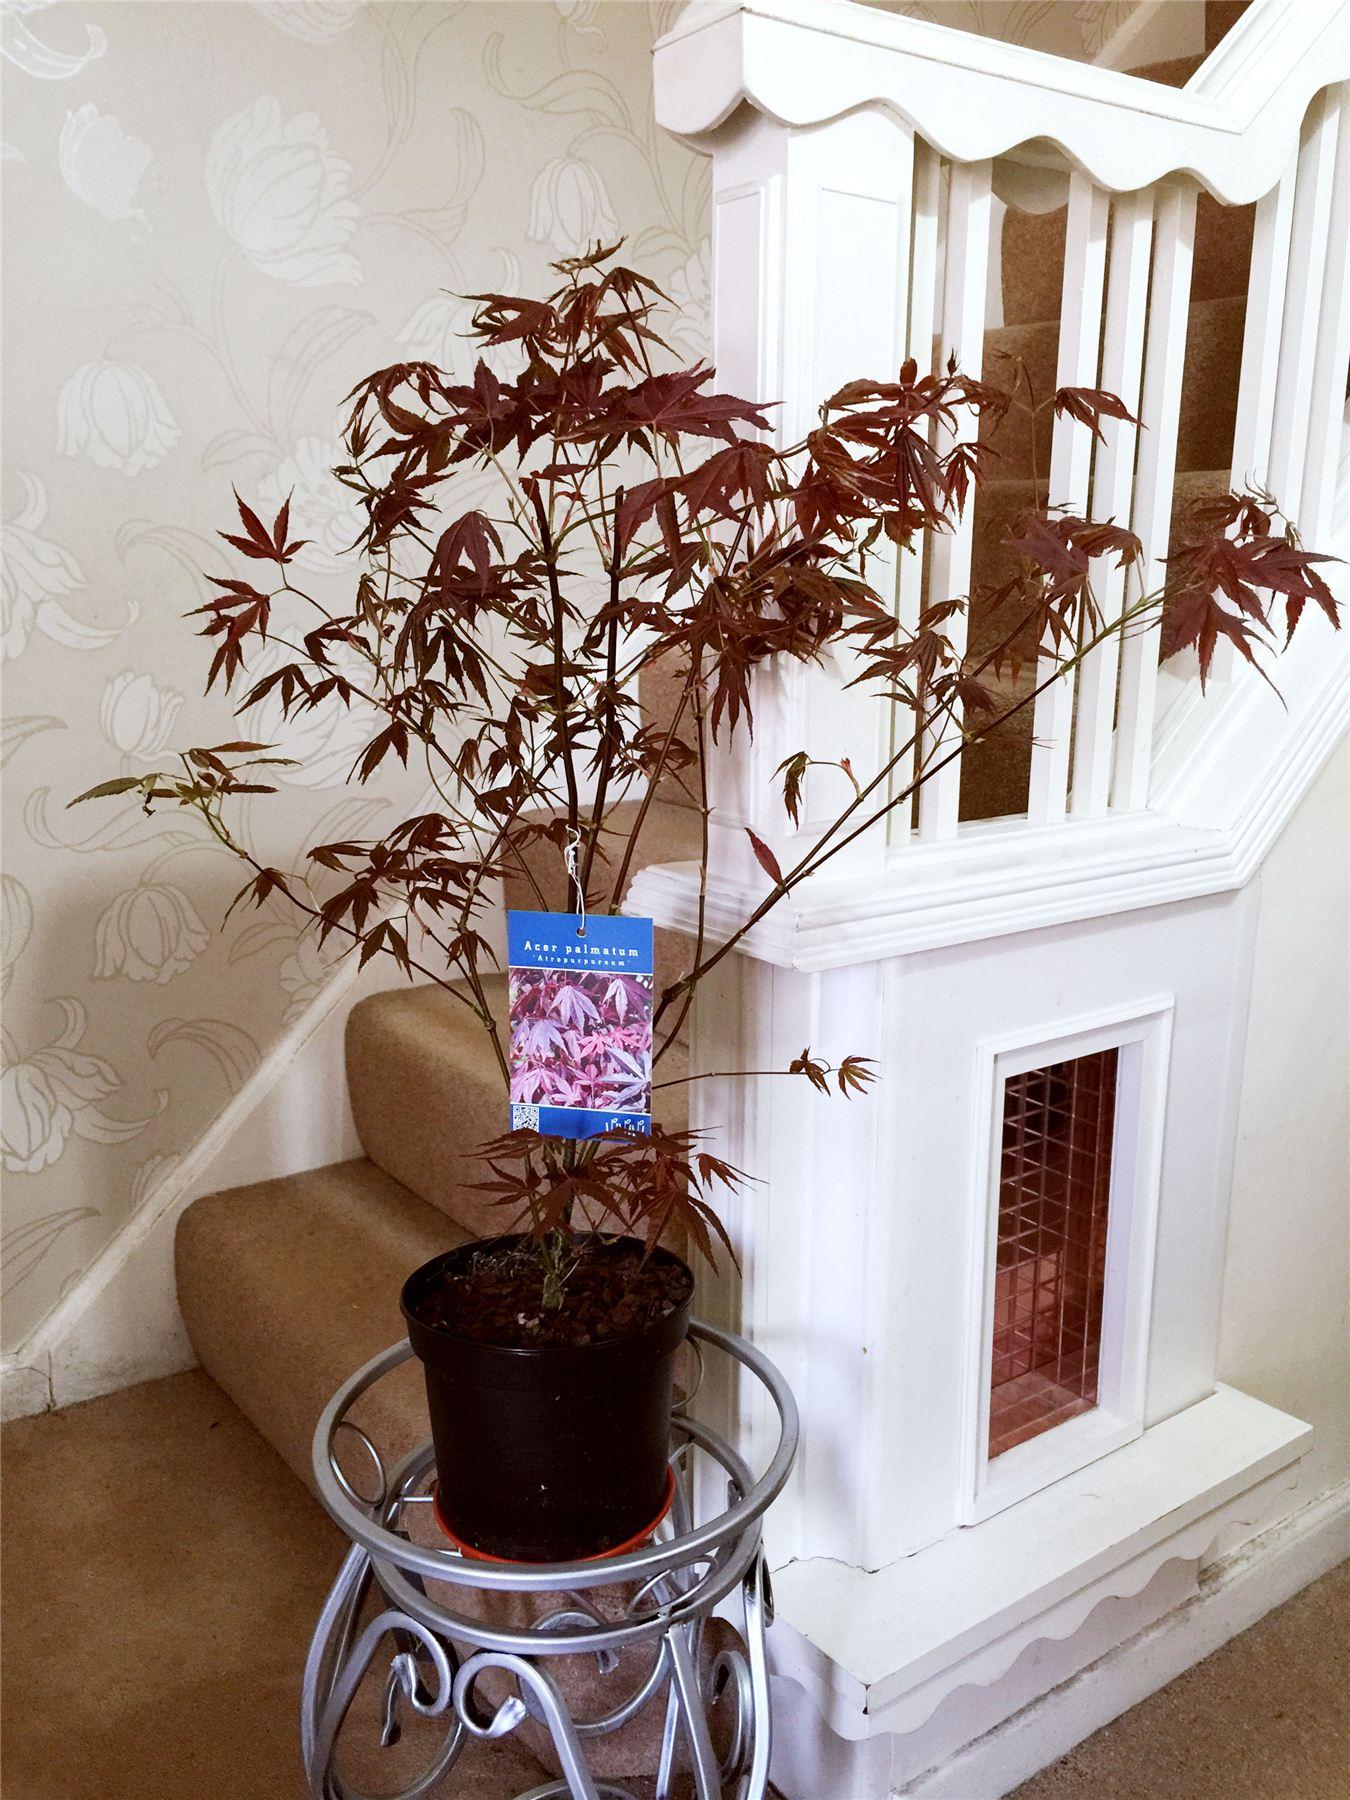 Immagini Di Piante E Alberi piante e bonsai acero giapponese acer palmatum casa albero